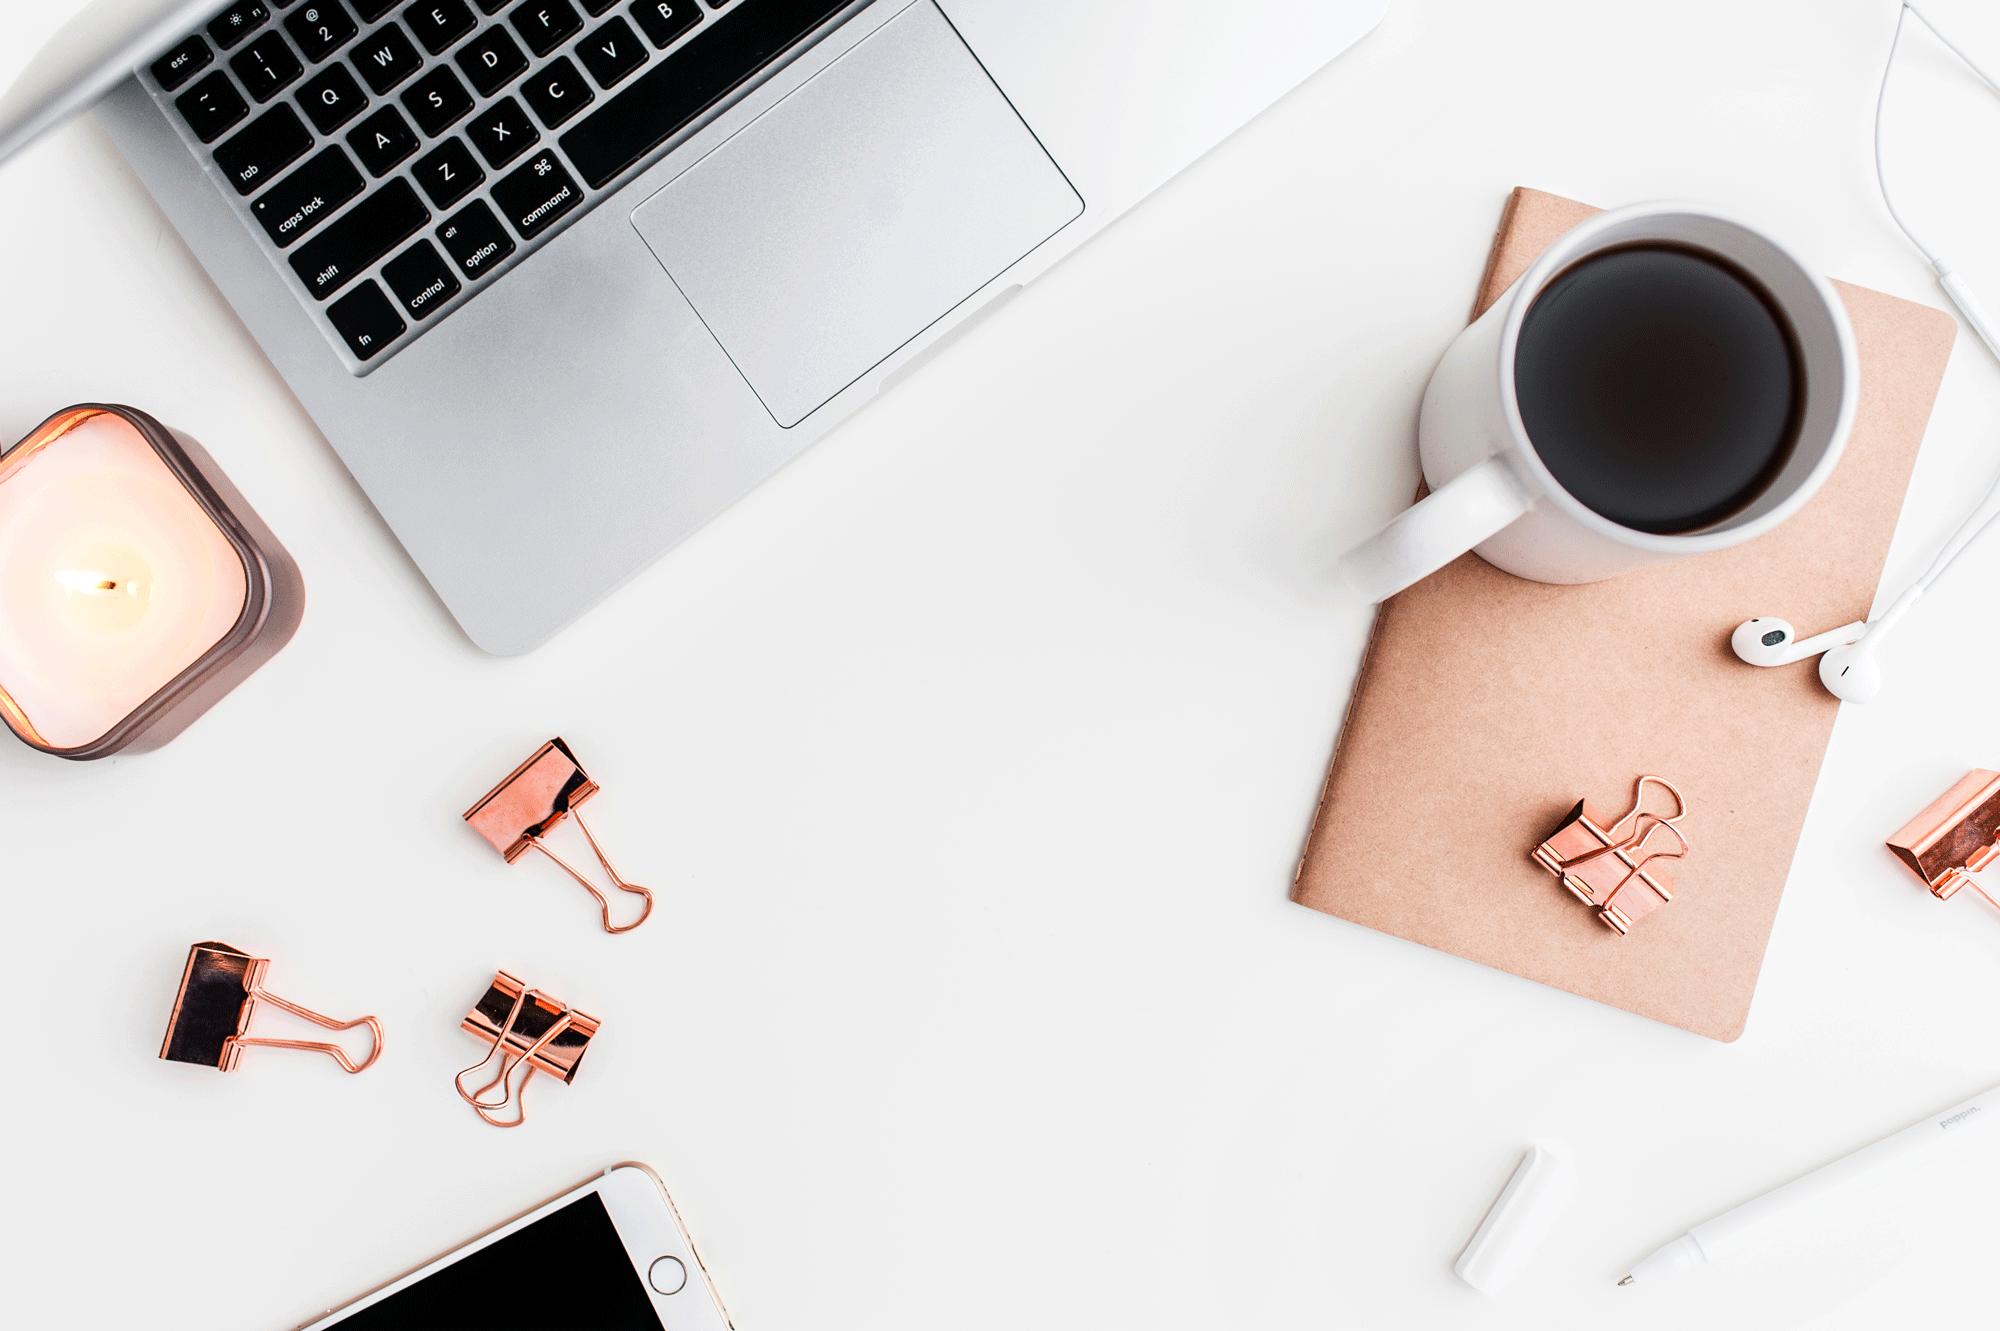 5 choses à optimiser pour gagner du temps dans ton entreprise